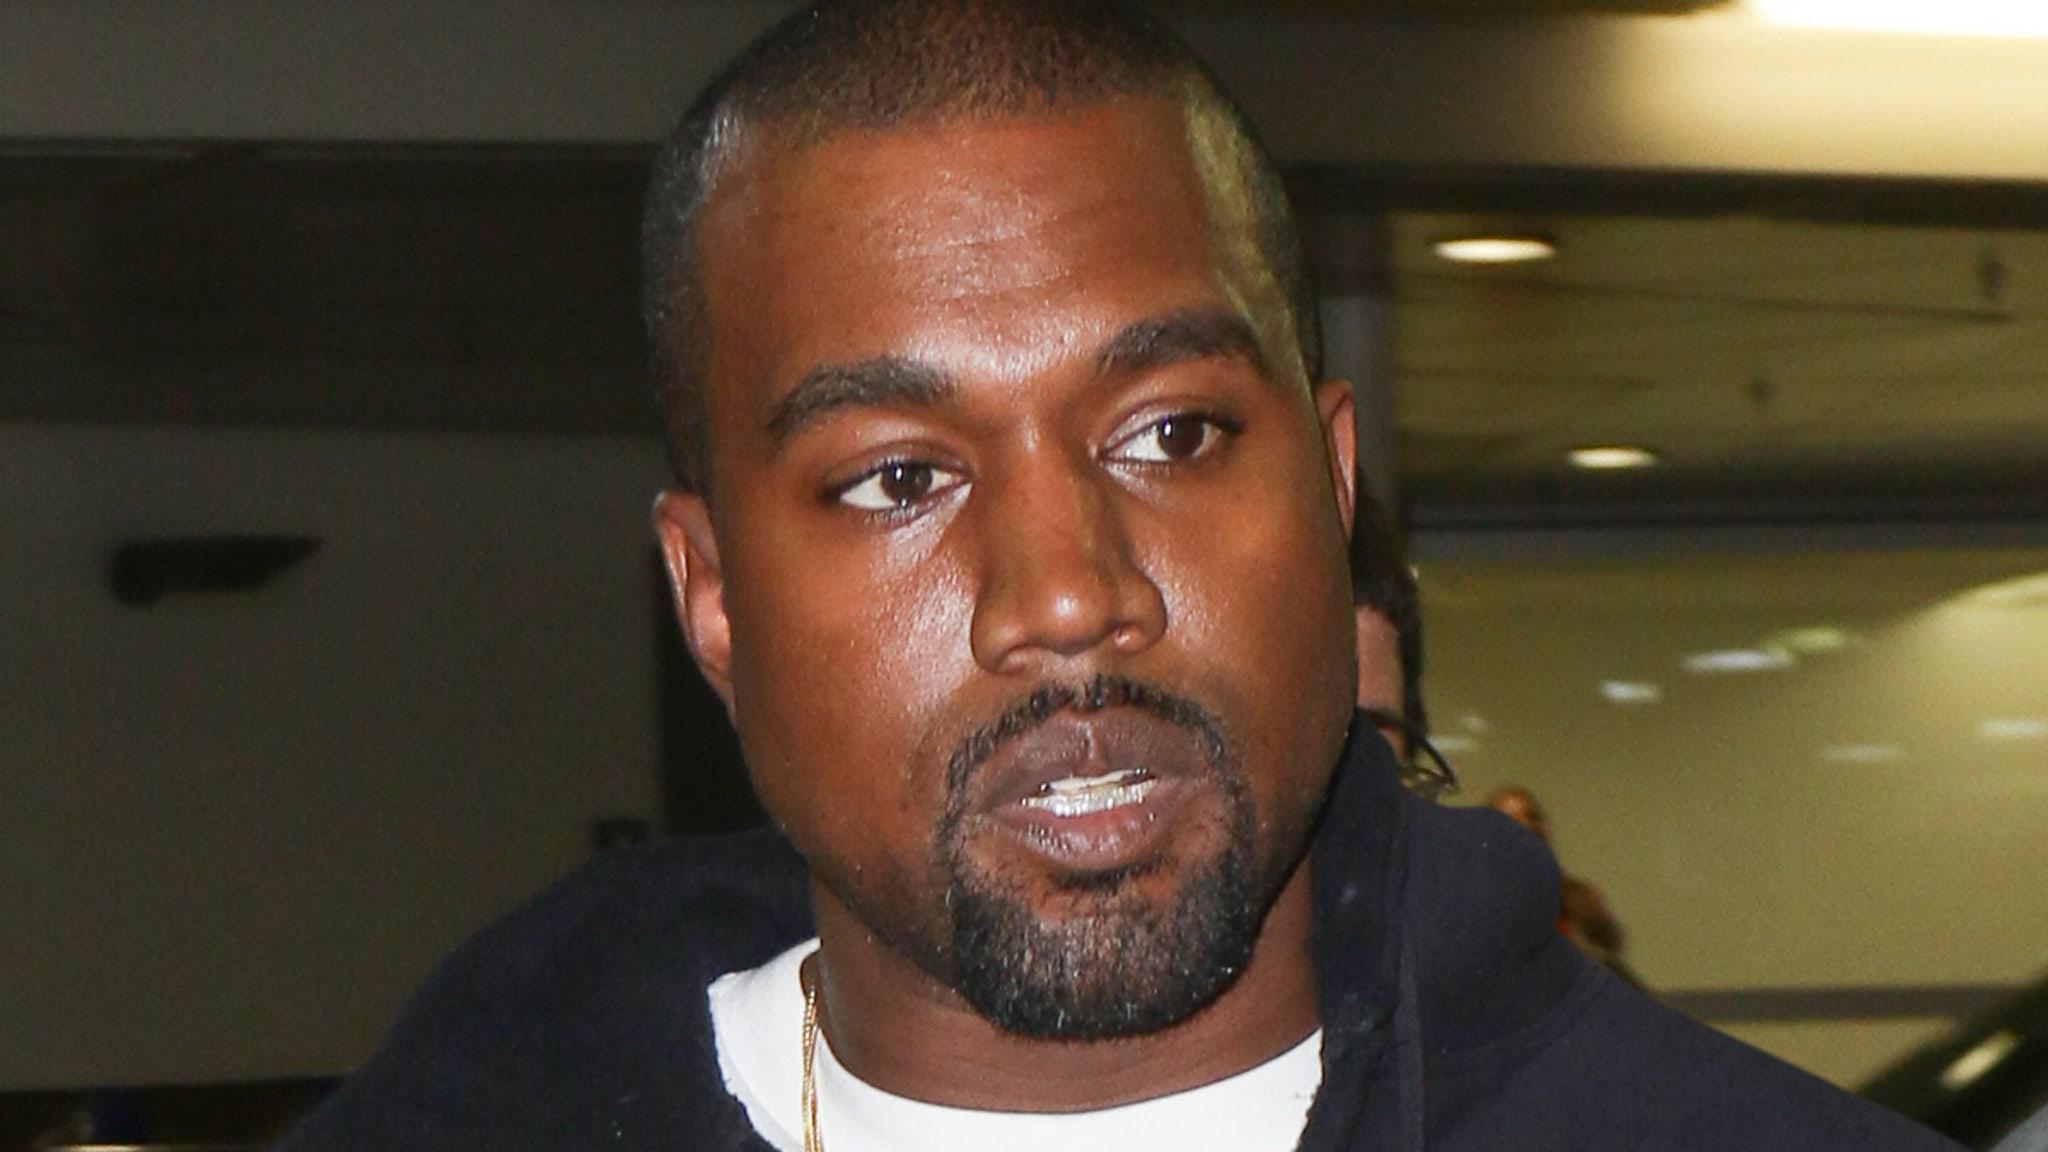 Kanye West Misses Important Deadline, Bad News for Presidential Run thumbnail